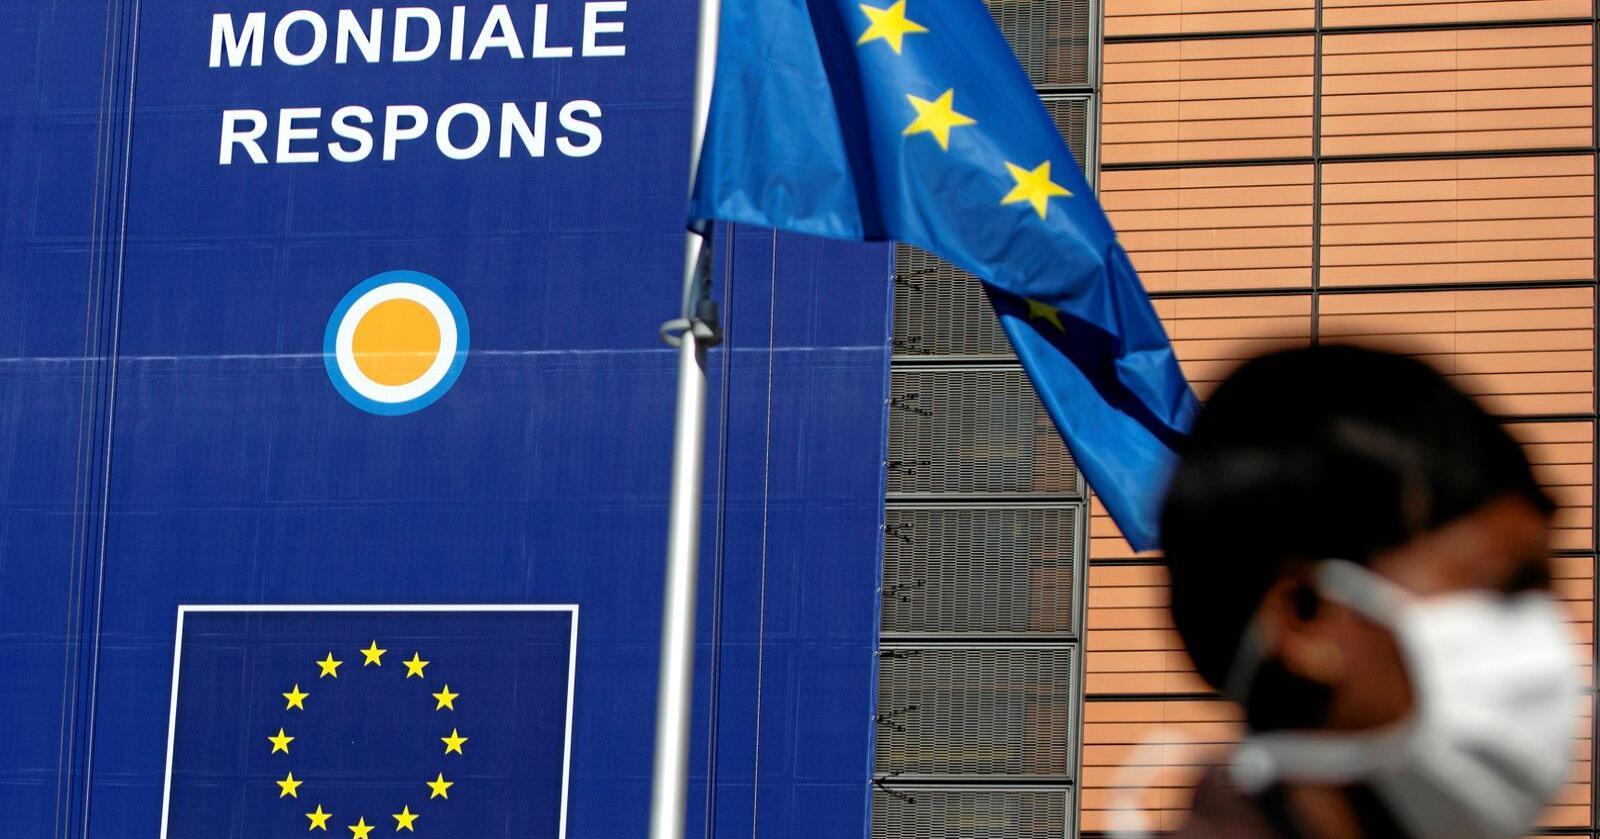 EU har fått berettiget kritikk for å respondere for lite og for sent da epidemien traff Europa. Men EU sendte tross alt 50 tonn med smittevernsutstyr til Kina allerede tidlig i februar, skriver Heidi Nordby  Lunde. Bildet er fra EUs hovedkvarter i Brussel. Foto: Virginia Mayo / AP / NTB scanpix